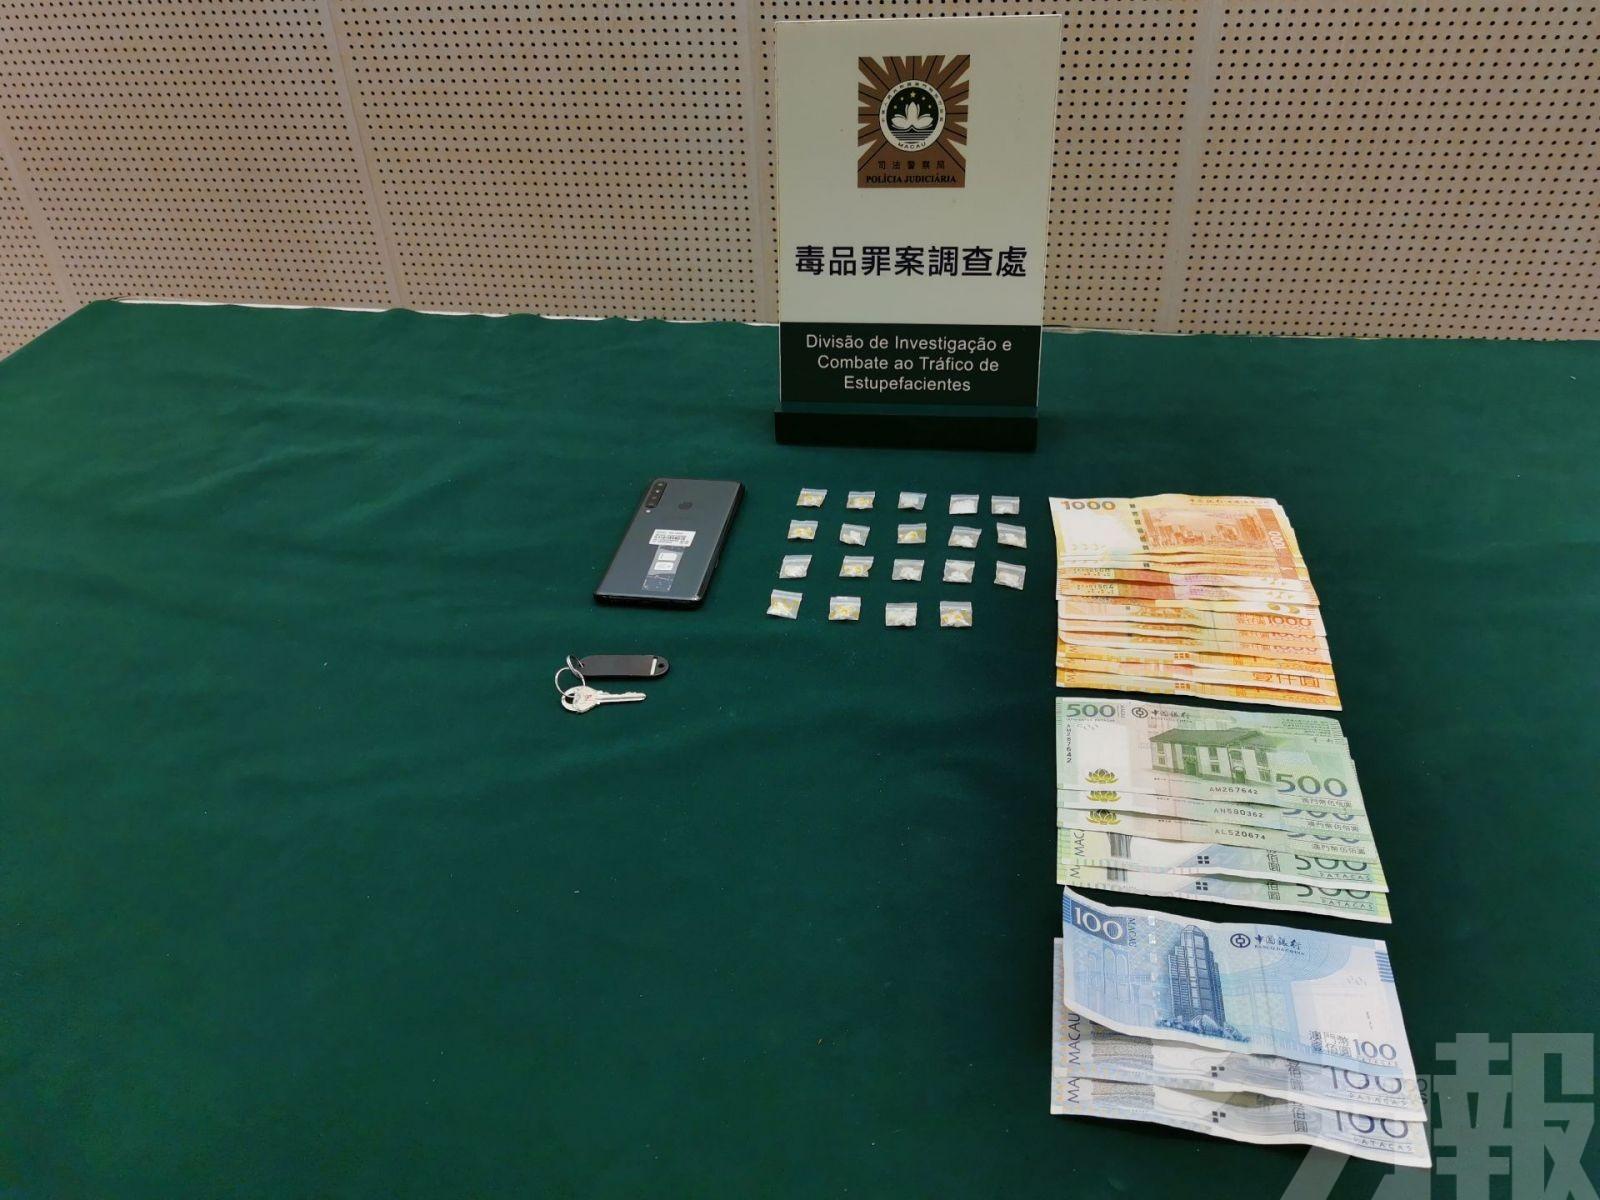 18歲香港跟車工人販毒被捕